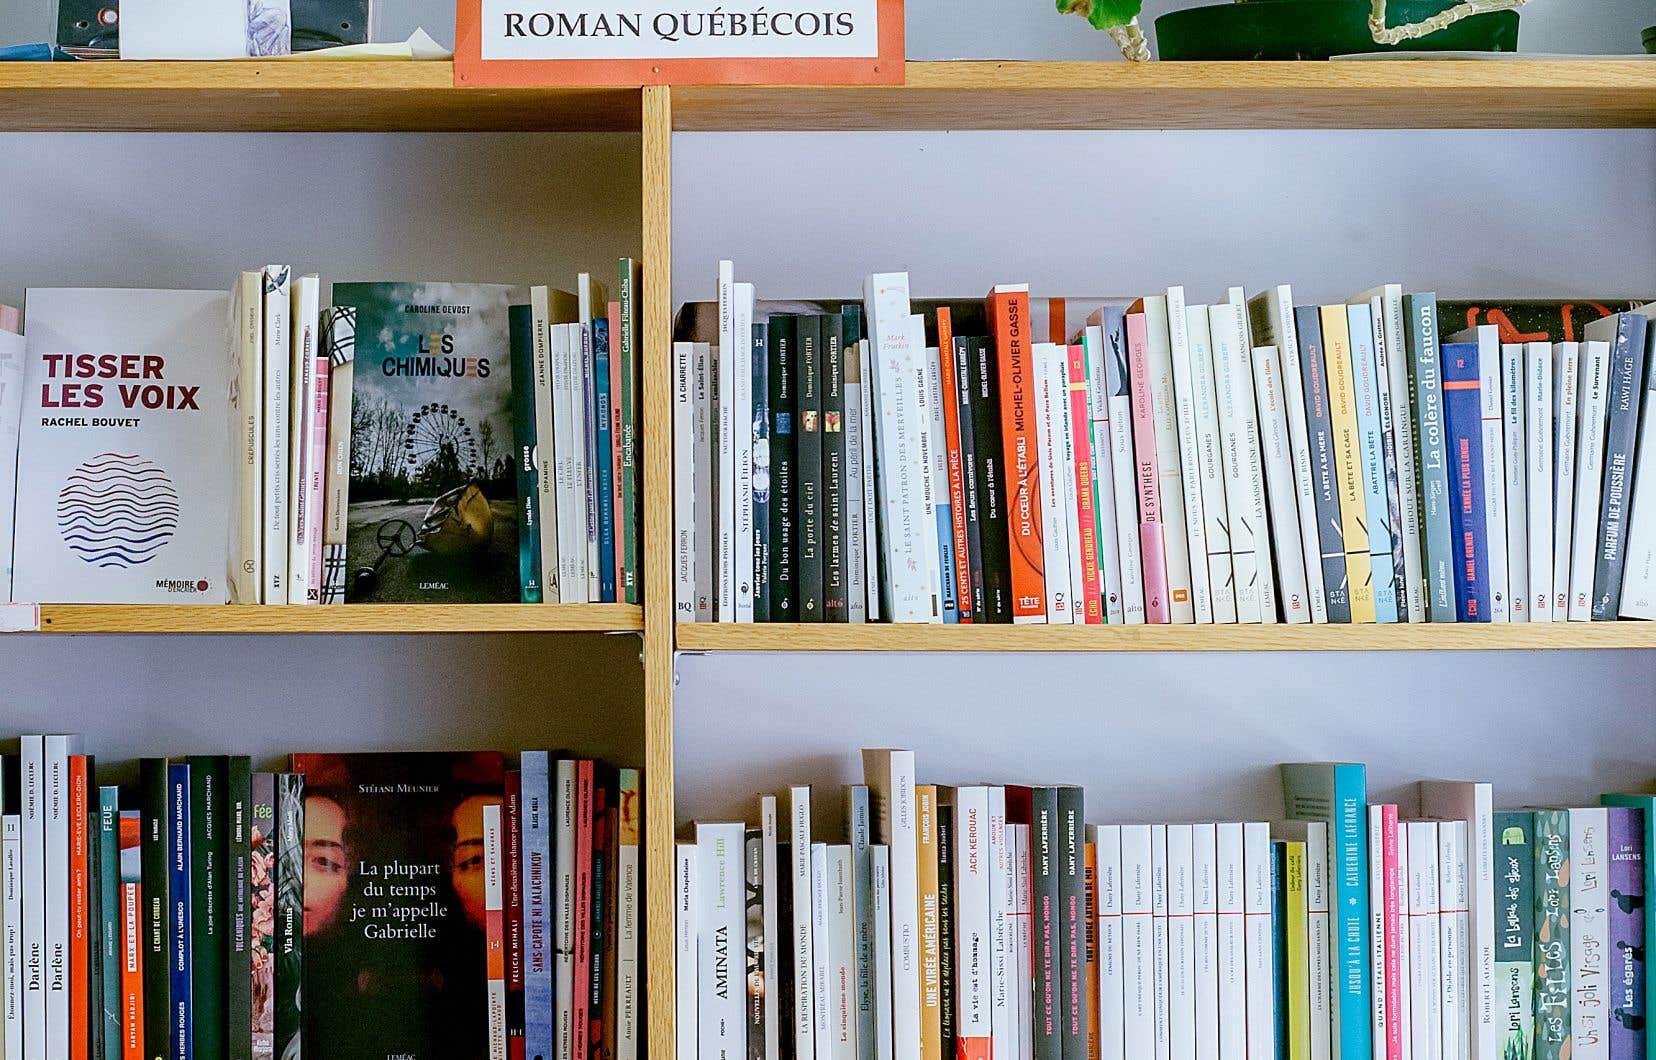 Les revenus globaux de ventes des livres francophones à travers le monde sont estimés à un peu plus de 5milliards d'euros, soit près de 7,4 milliards de dollars.